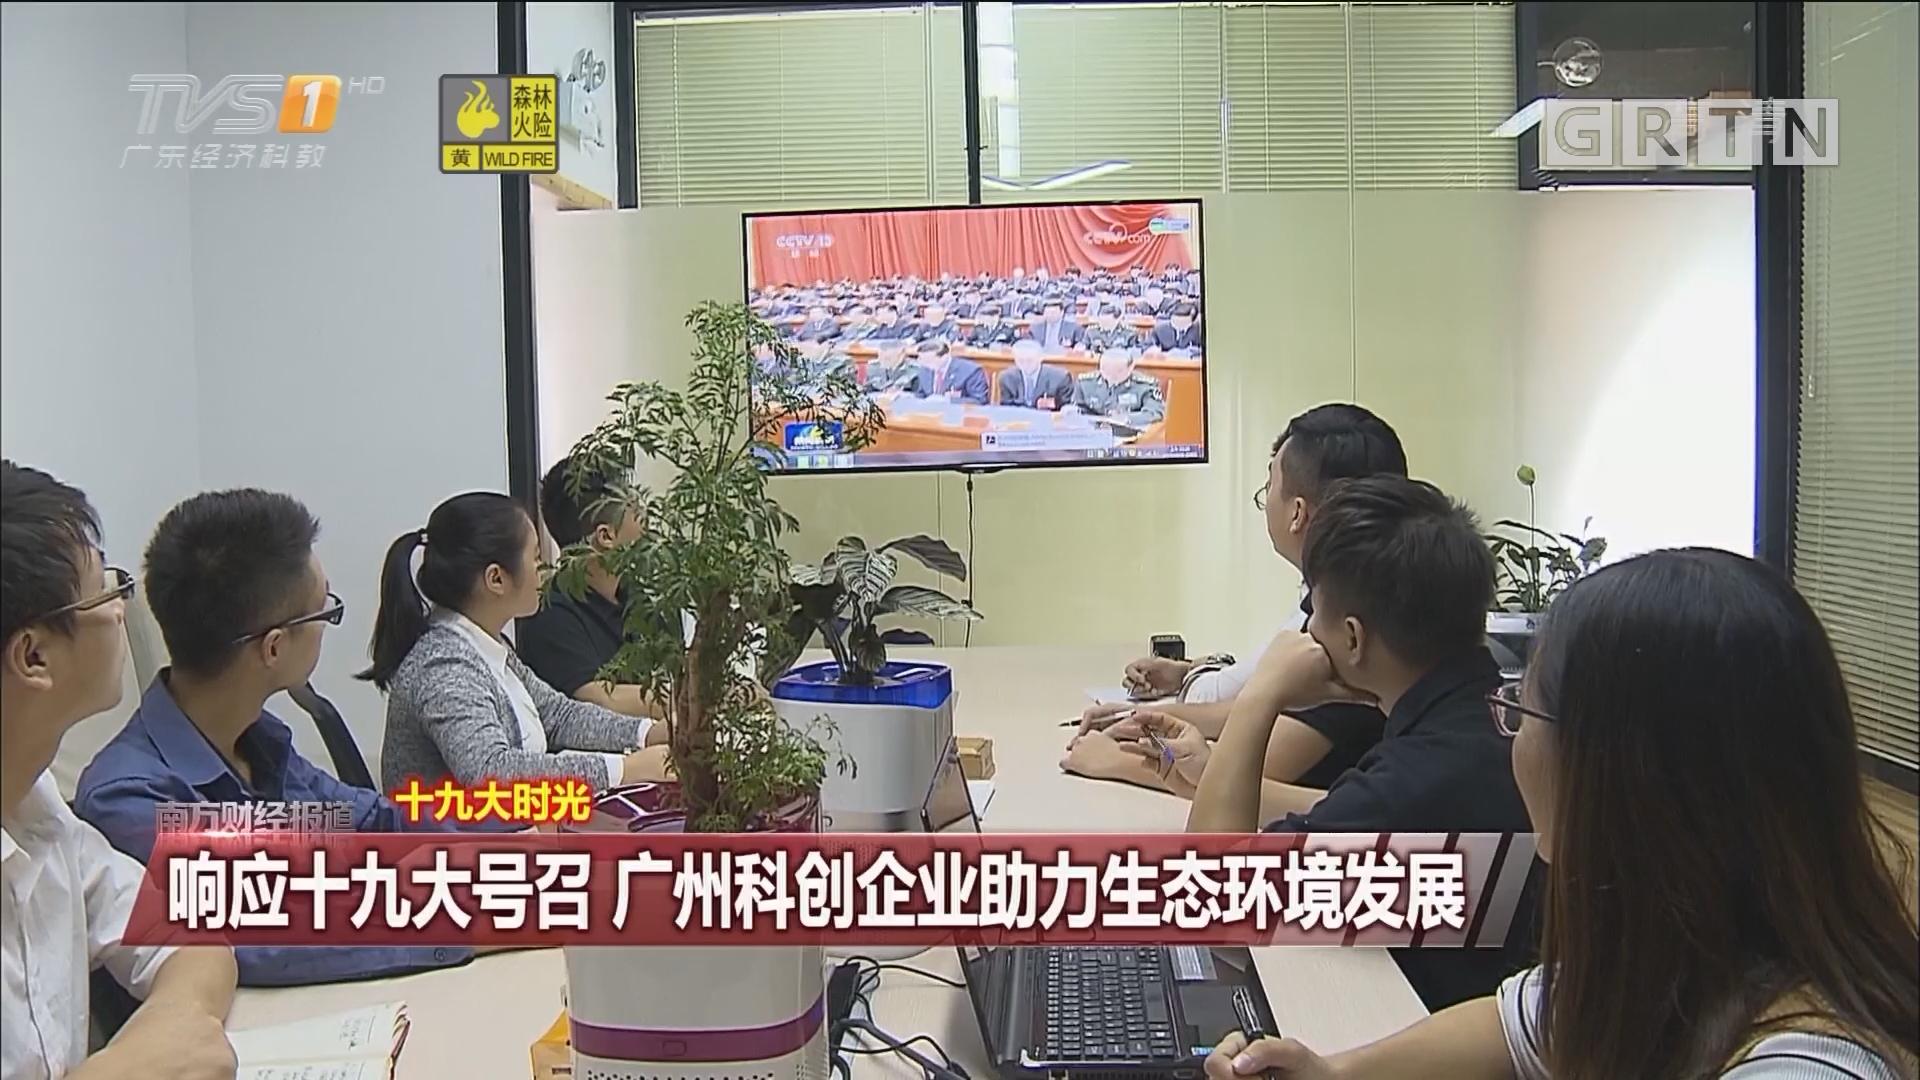 十九大时光:响应十九大号召 广州科创企业助力生态环境发展